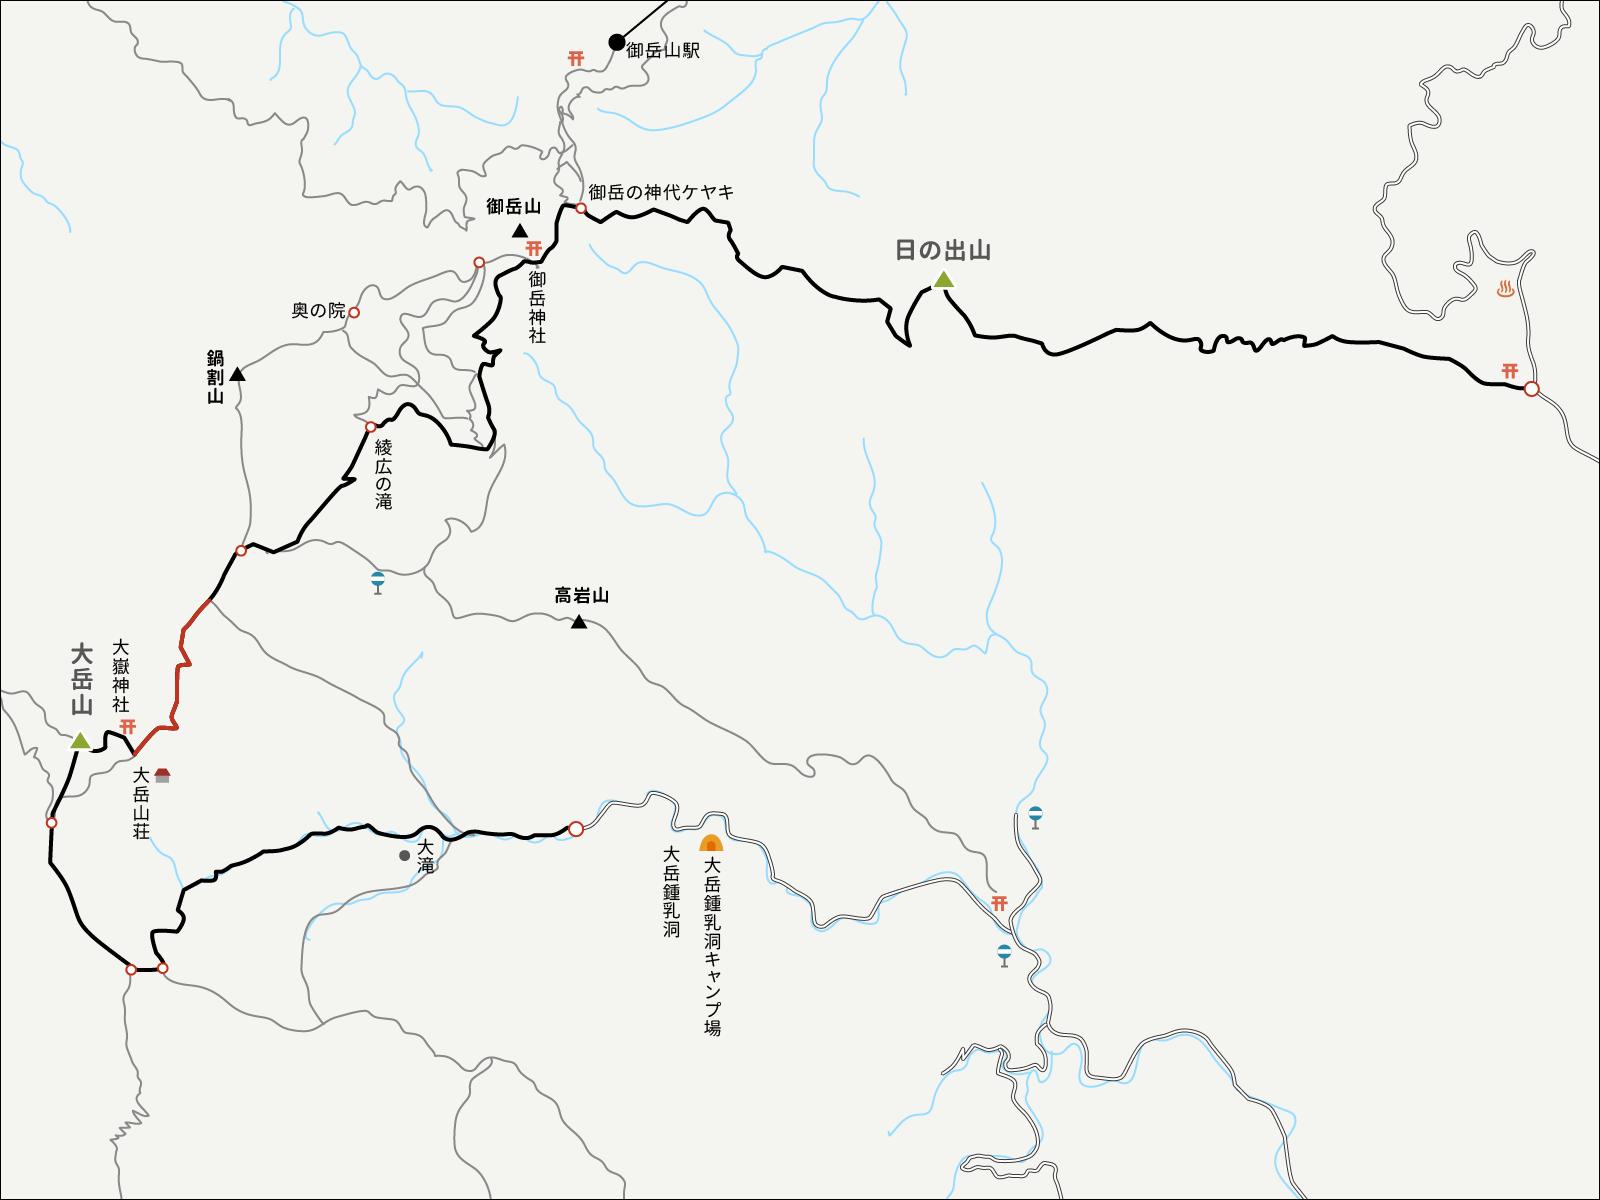 大岳山荘から分岐点までのイラストマップ